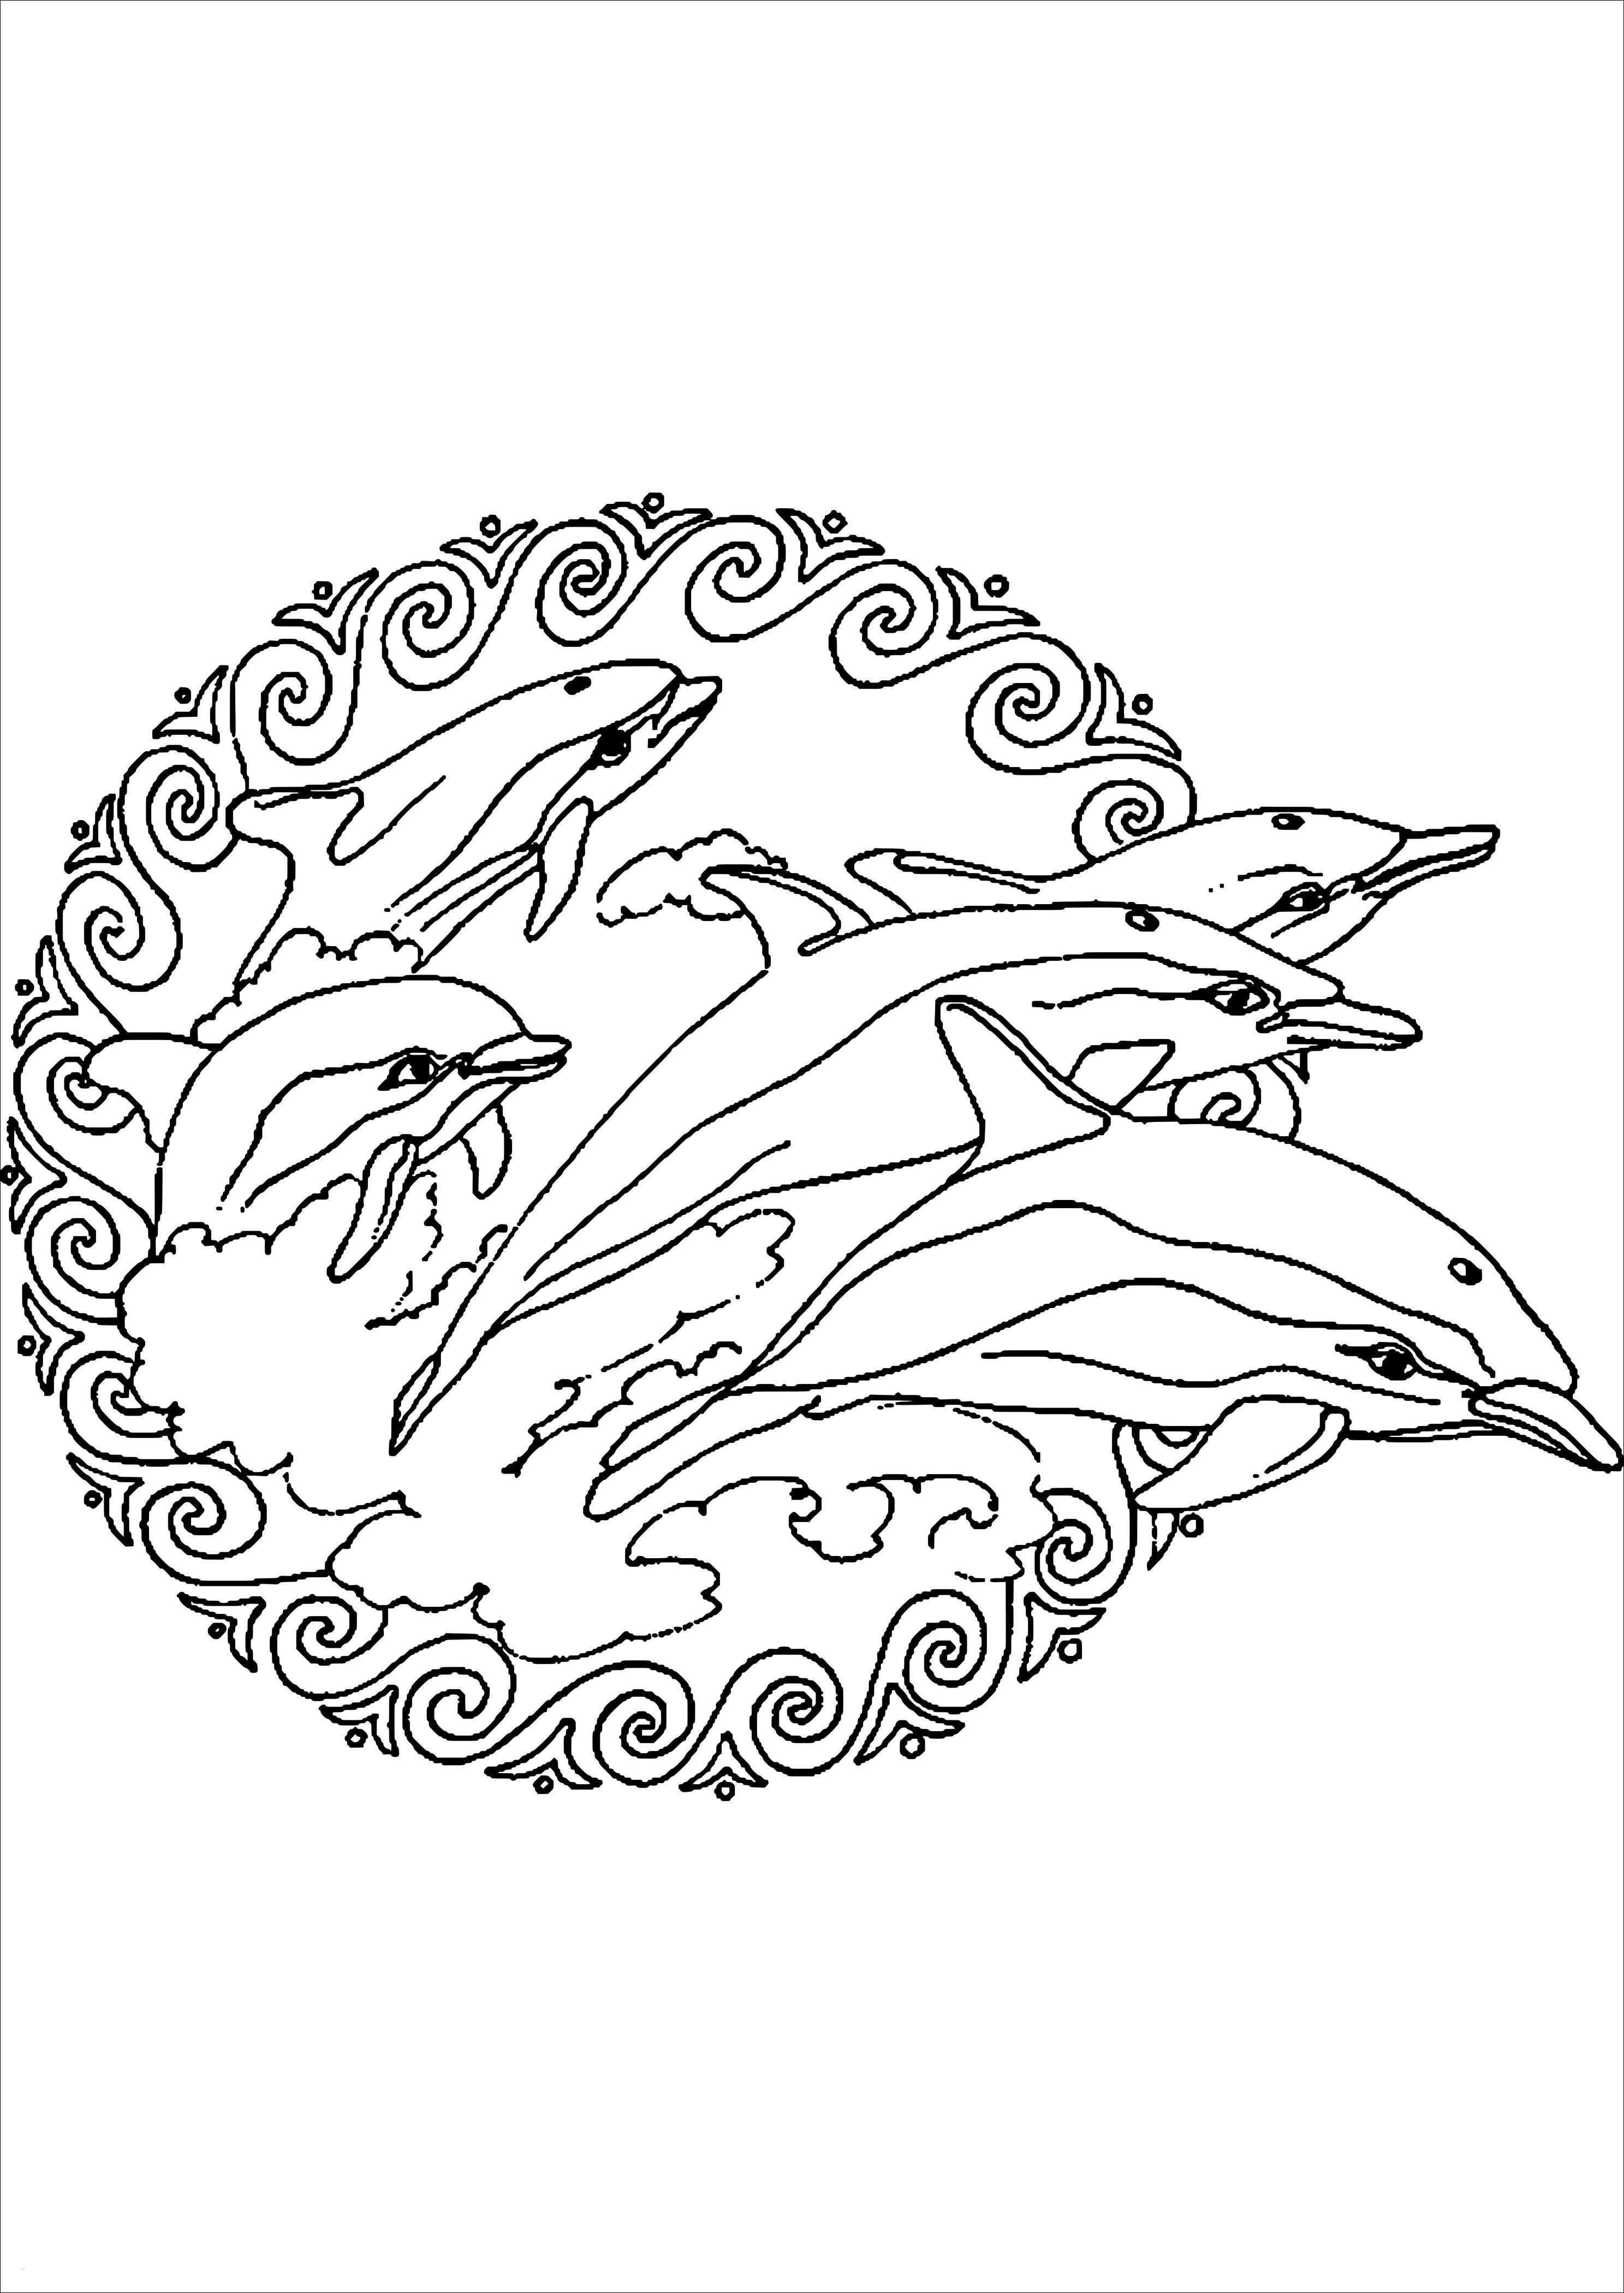 Ausmalbilder Ich Einfach Unverbesserlich Frisch Ausmalbilder Manga Meerjungfrau Image Ausmalbilder Kostenlos Sammlung